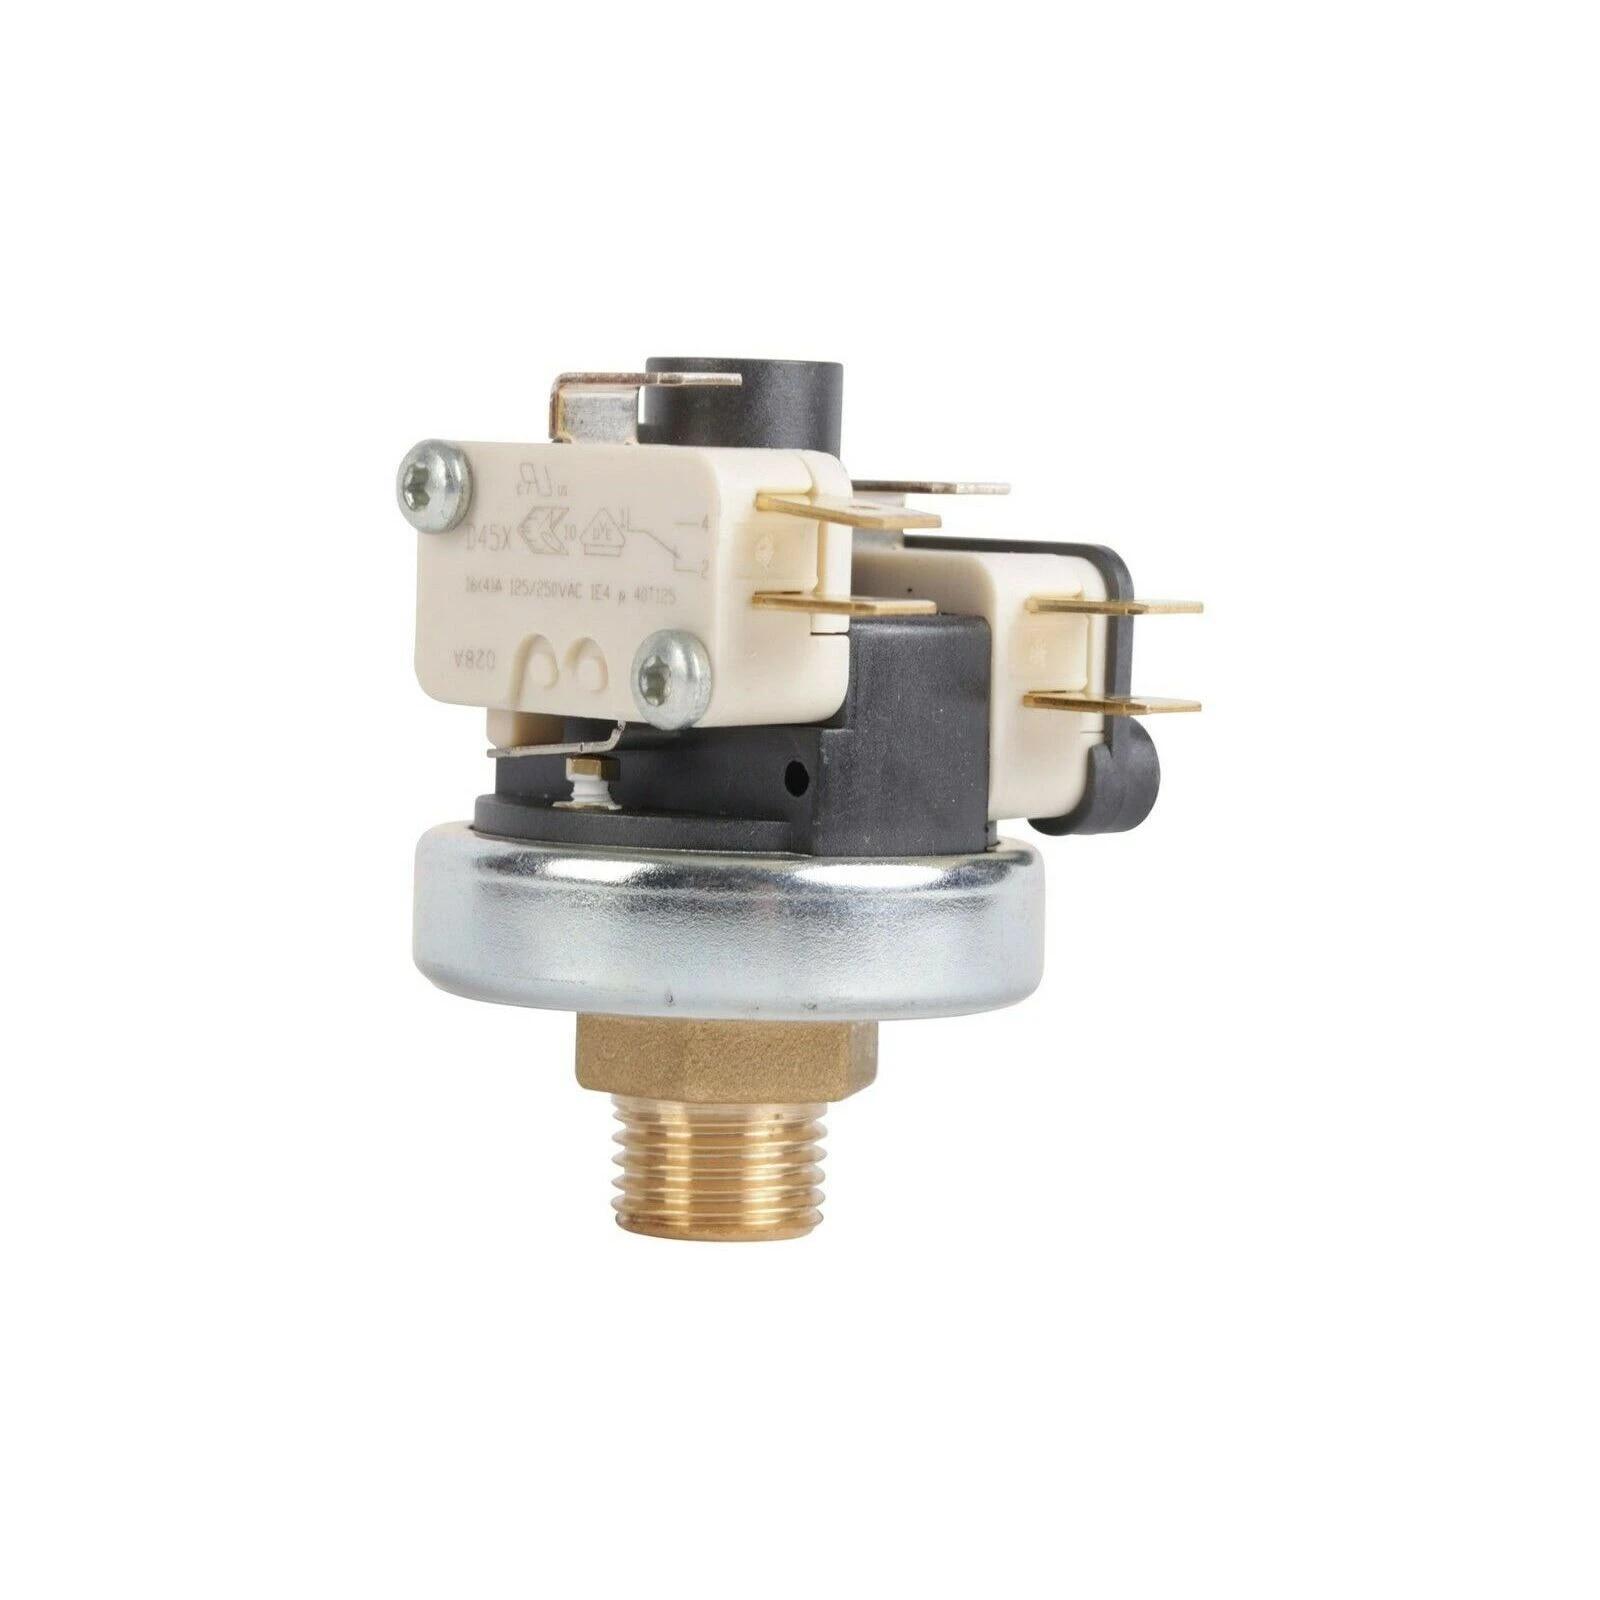 Polti Pressure Switch Double Microswitch Xp200a Vaporetto Eco Pro 3000 4000 4500 Aliexpress